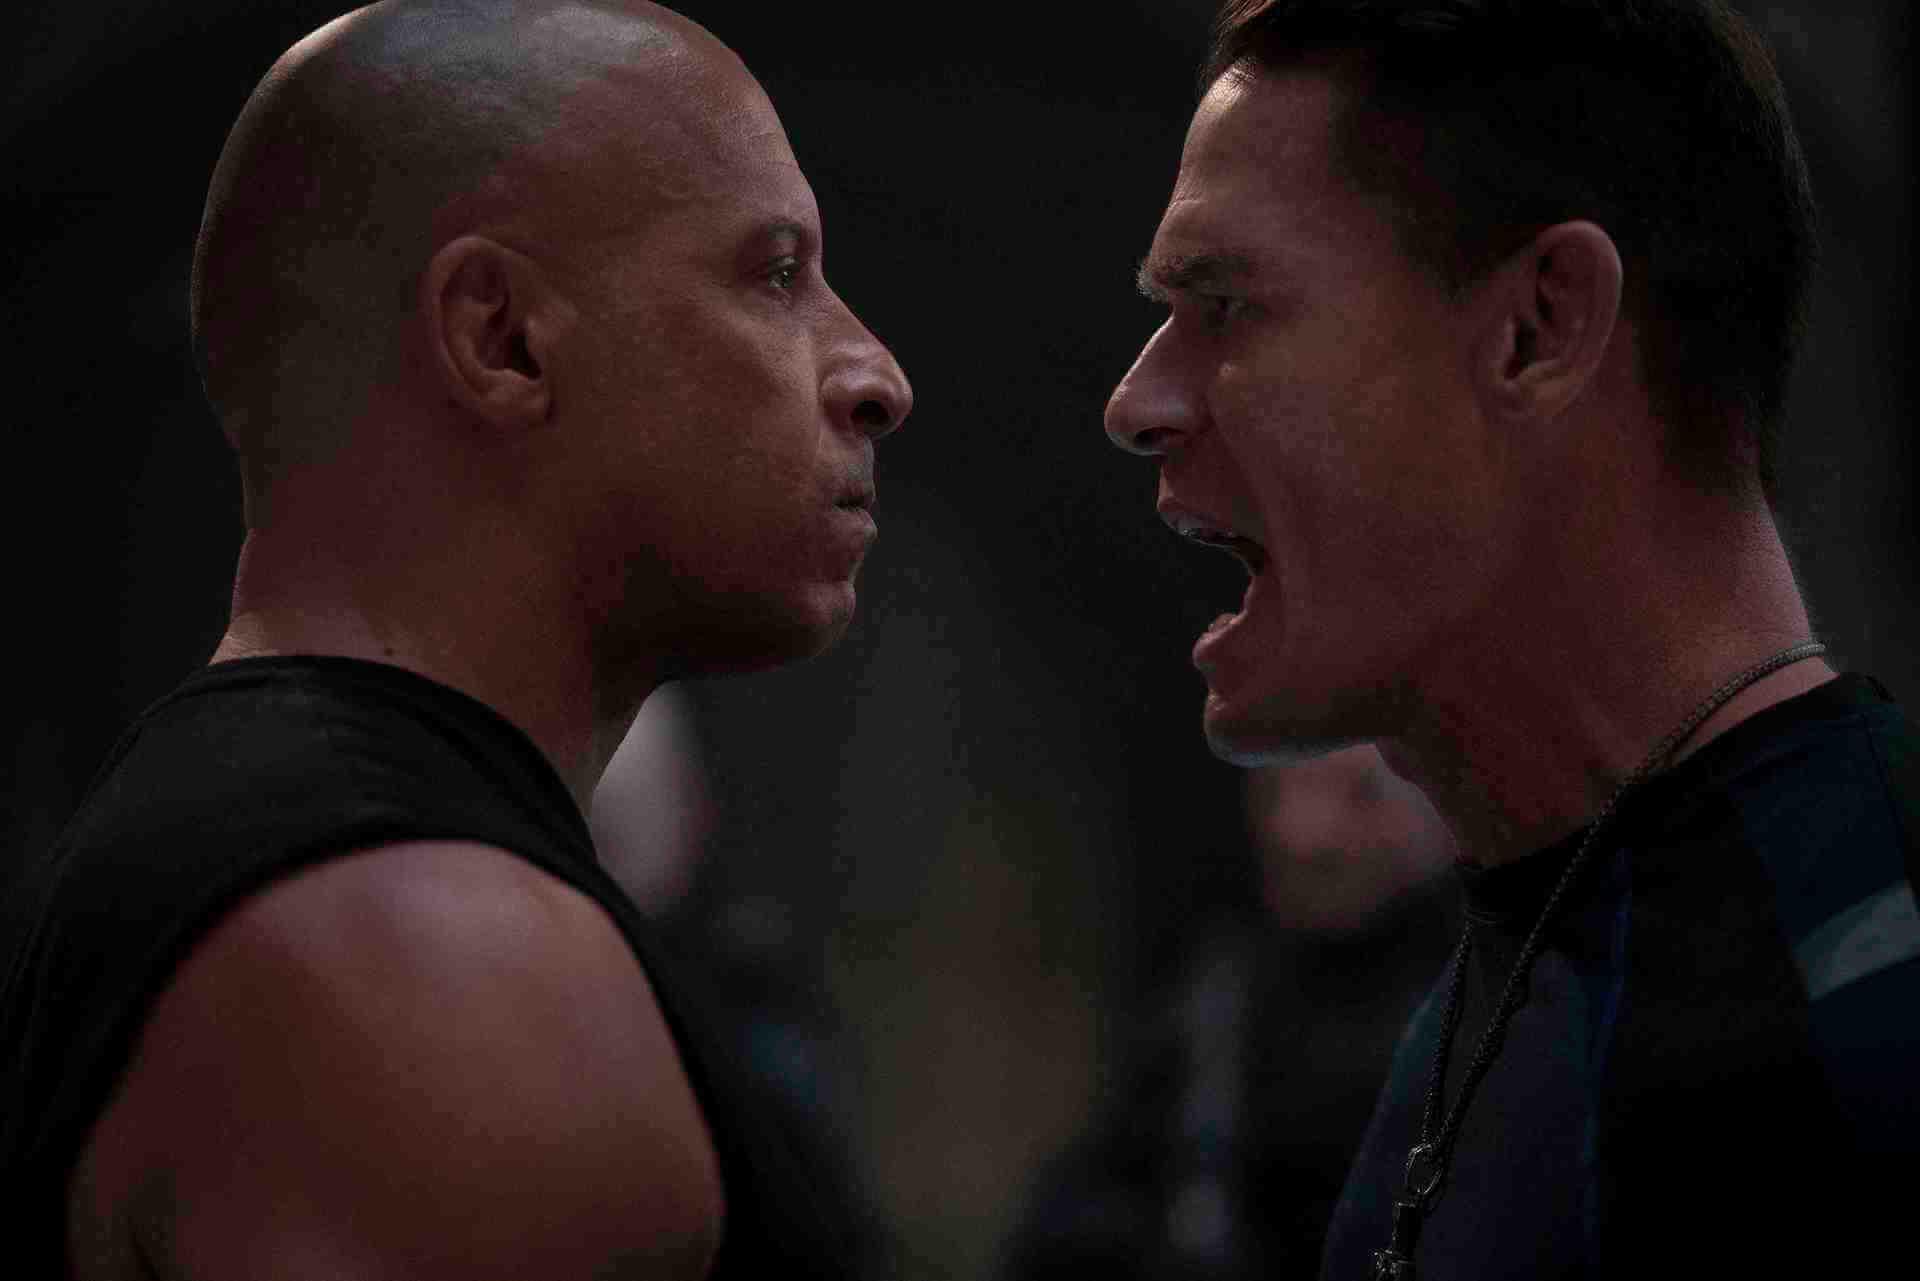 ドミニクとジェイコブの兄弟喧嘩、ついに勃発!『ワイルド・スピード/ジェットブレイク』の新本編映像が解禁 film210803_ff9_4